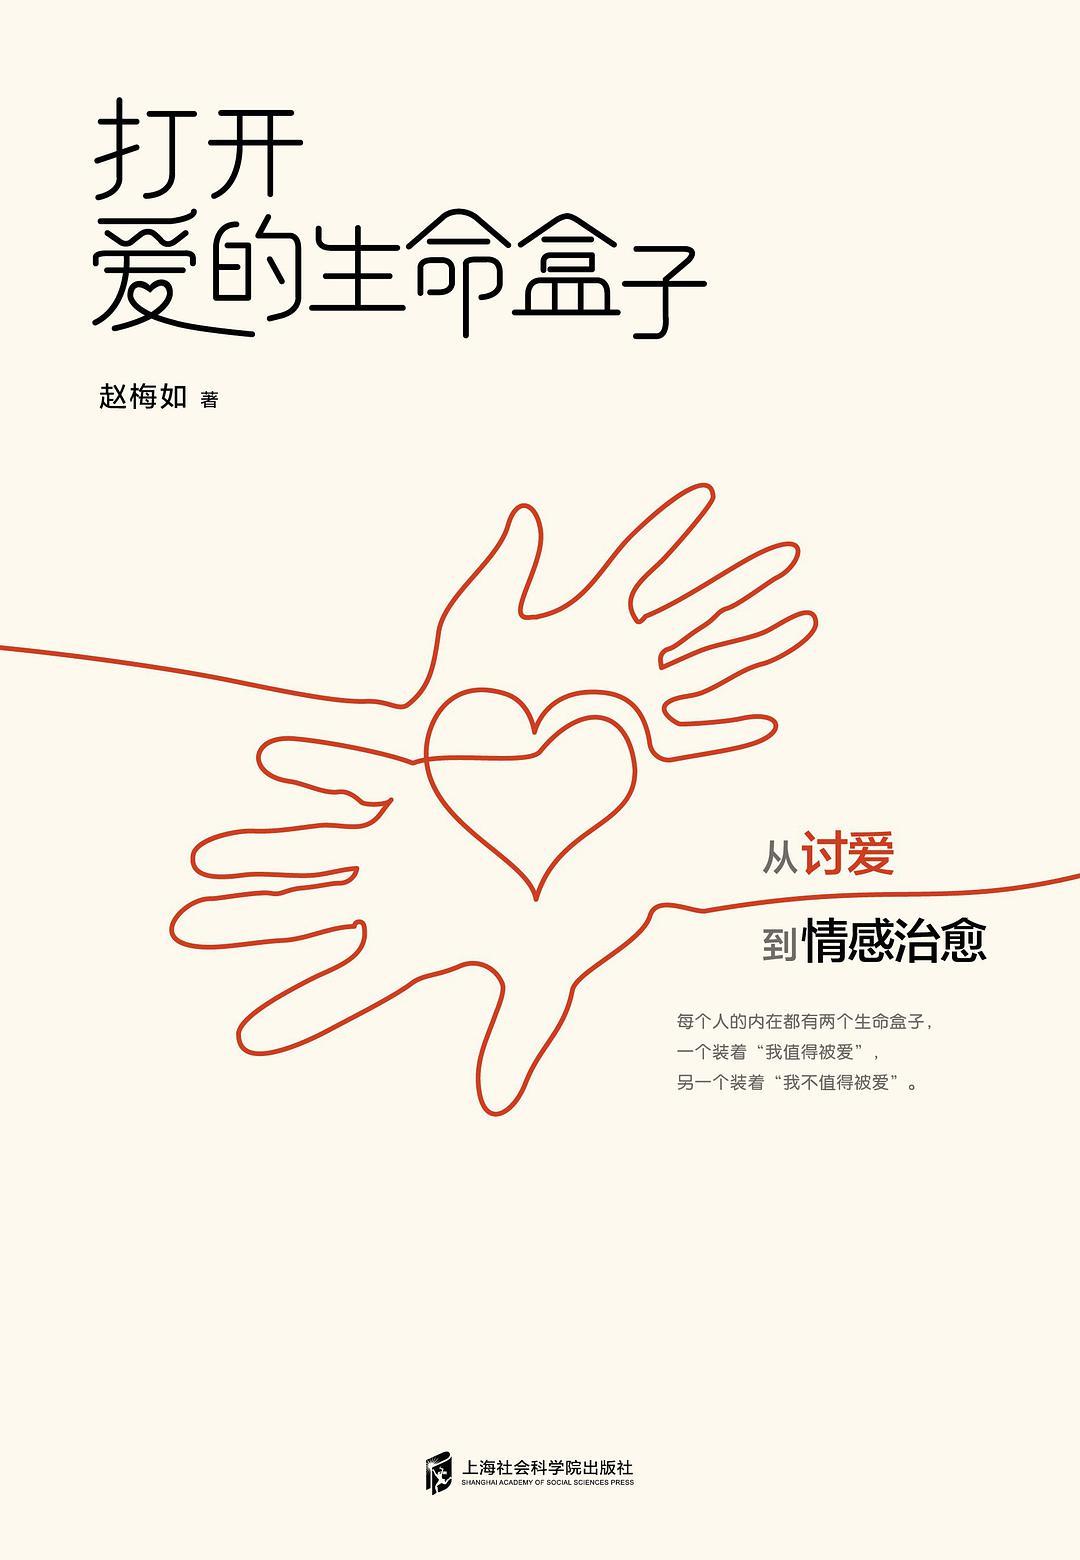 """《打开爱的生命盒子》:""""我不值得被爱""""是误解,因为爱一直都在"""